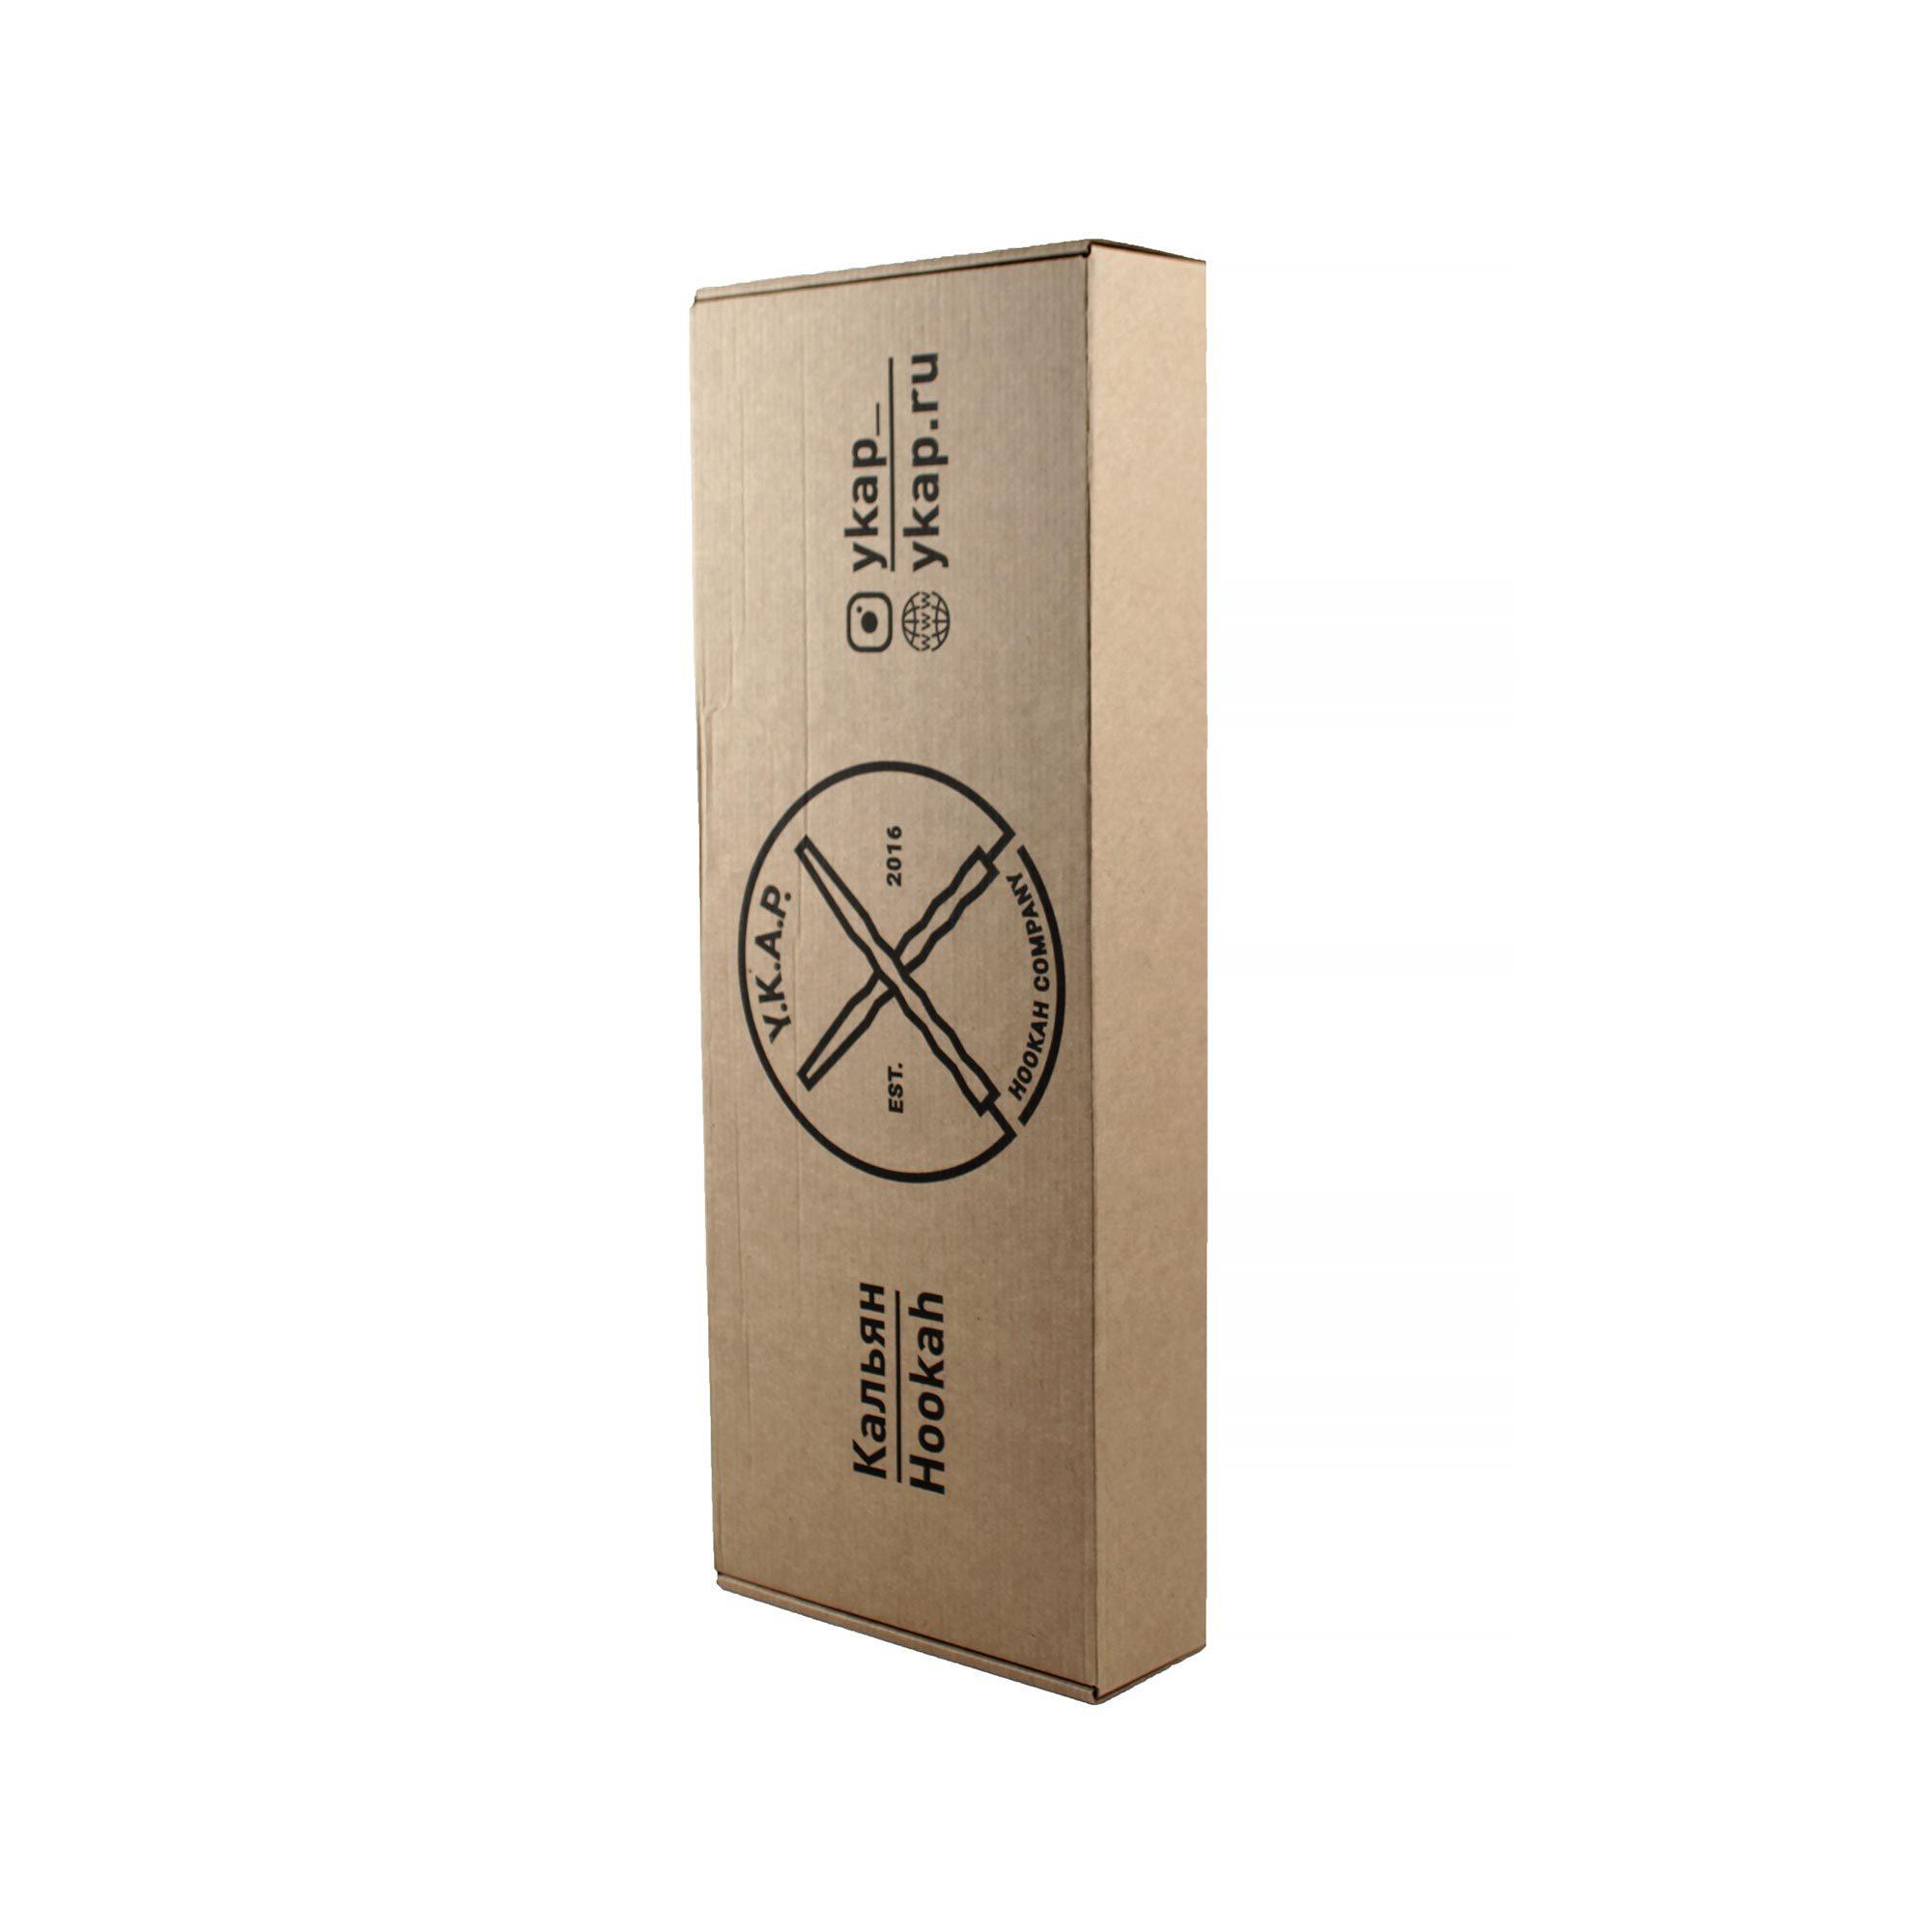 Фирменная коробка Y.K.A.P. Pro